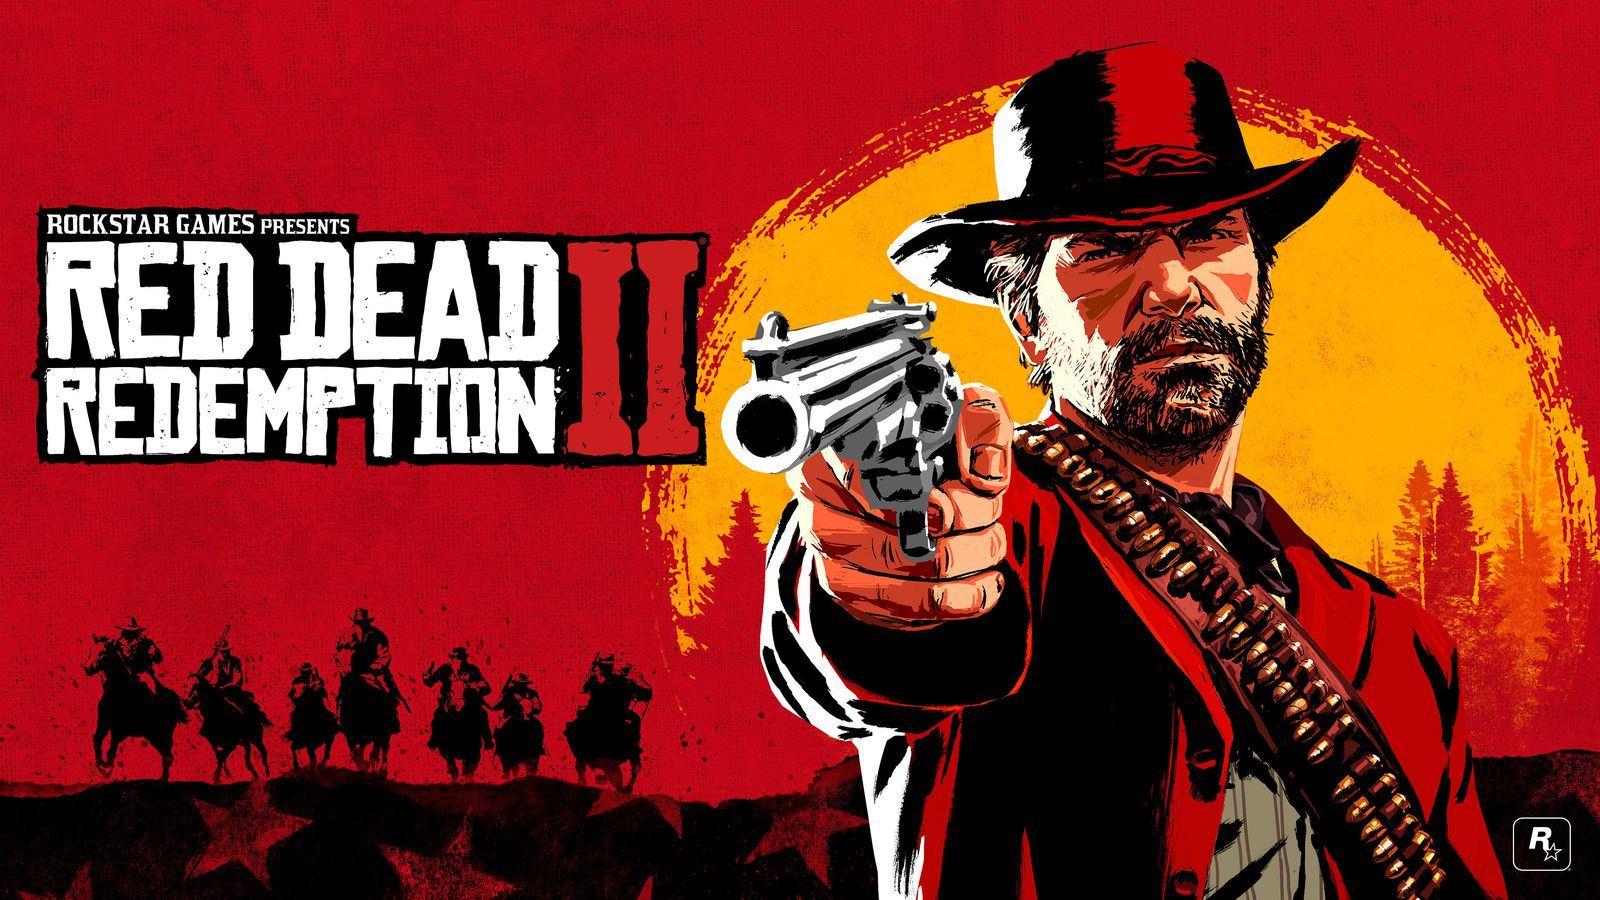 7 motivos pelos quais Red Dead Redemption 2 promete ser incrível